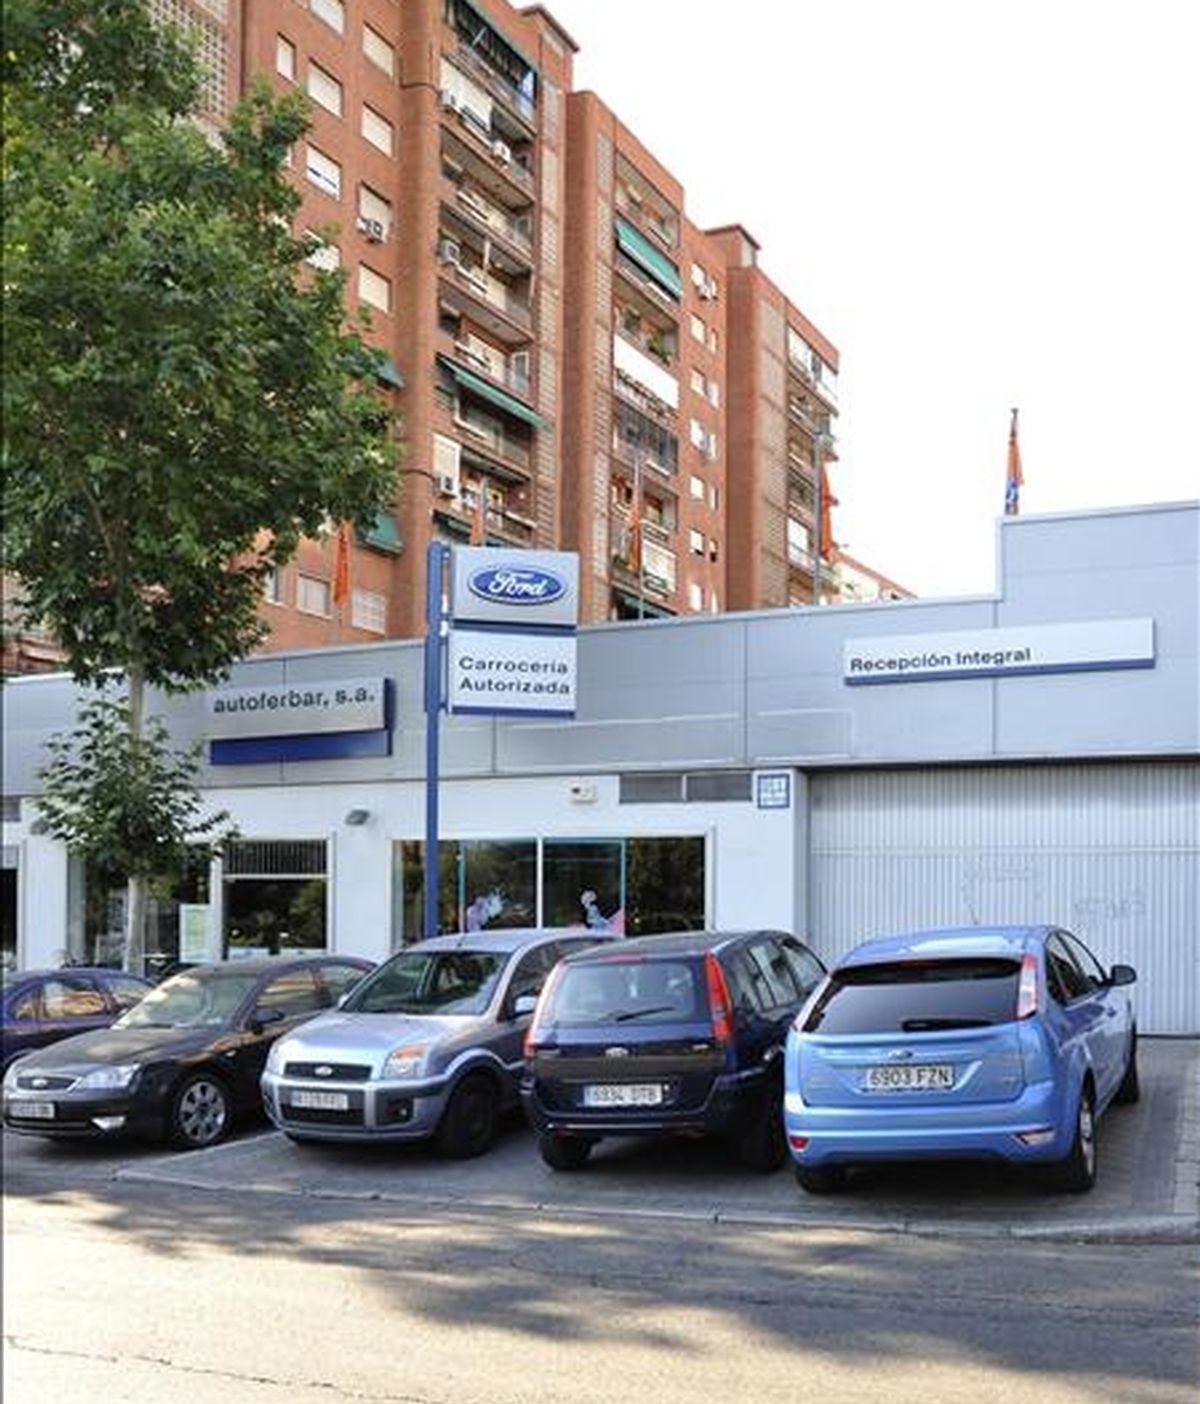 Vista de un concesionario de ventas de vehículos de la marca Ford en Madrid. EFE/Archivo